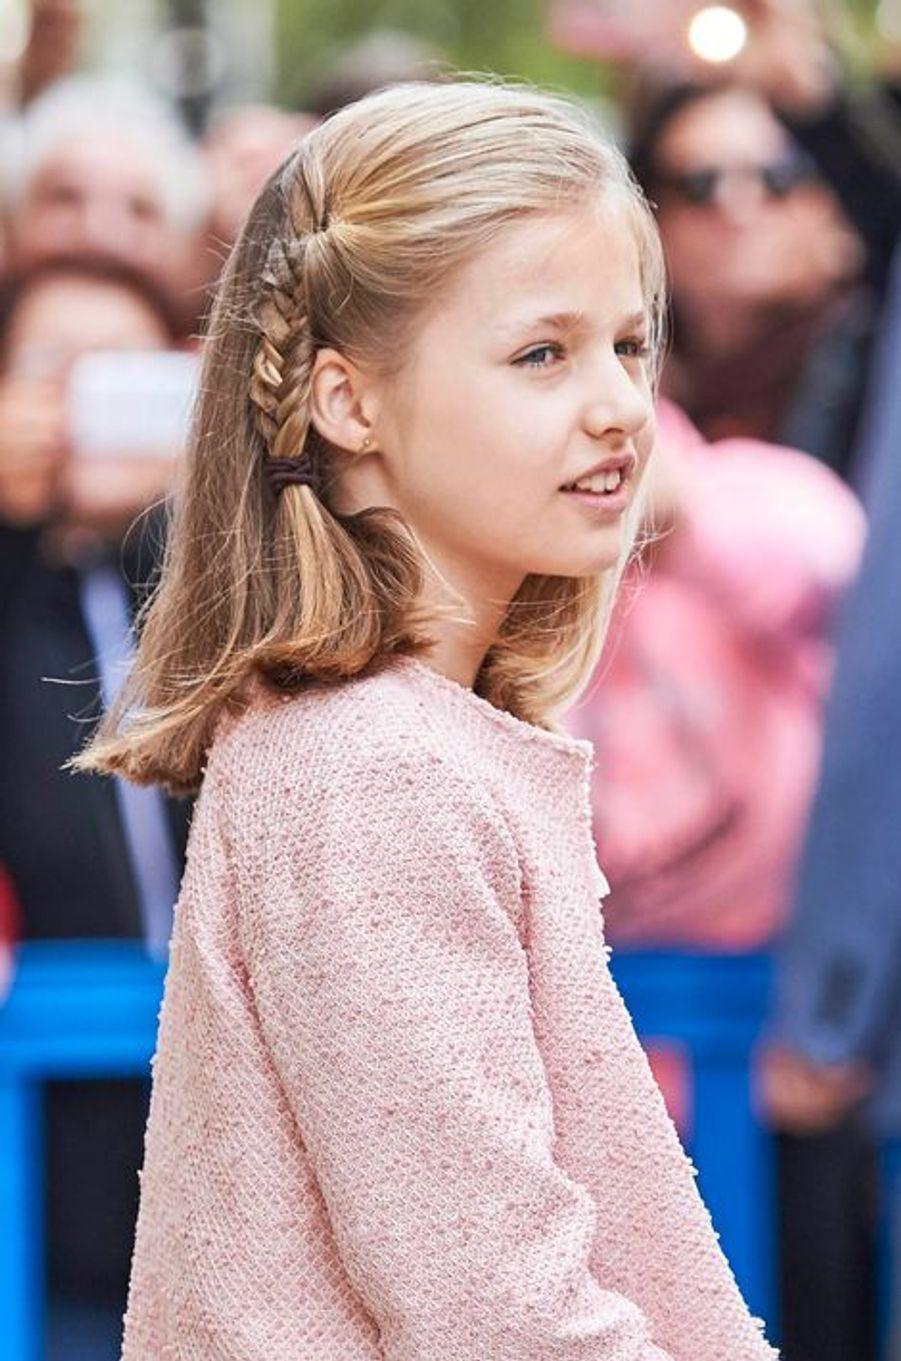 Comme chaque année, le roi Felipe VI d'Espagne et son épouse la reine Letizia ont assisté en famille à la messe de Pâques, ce dimanche 27 mars, lors de leurs vacances au palais de Marivent à Majorque. Le couple royal était accompagné de ses deux filles Leonor et Sofia, mais également de l'ancienne reine Sofia – sans son époux l'ancien roi Juan Carlos.Chaque dimanche, le Royal Blog de Paris Match vous propose de voir ou revoir les plus belles photographies de la semaine royale.